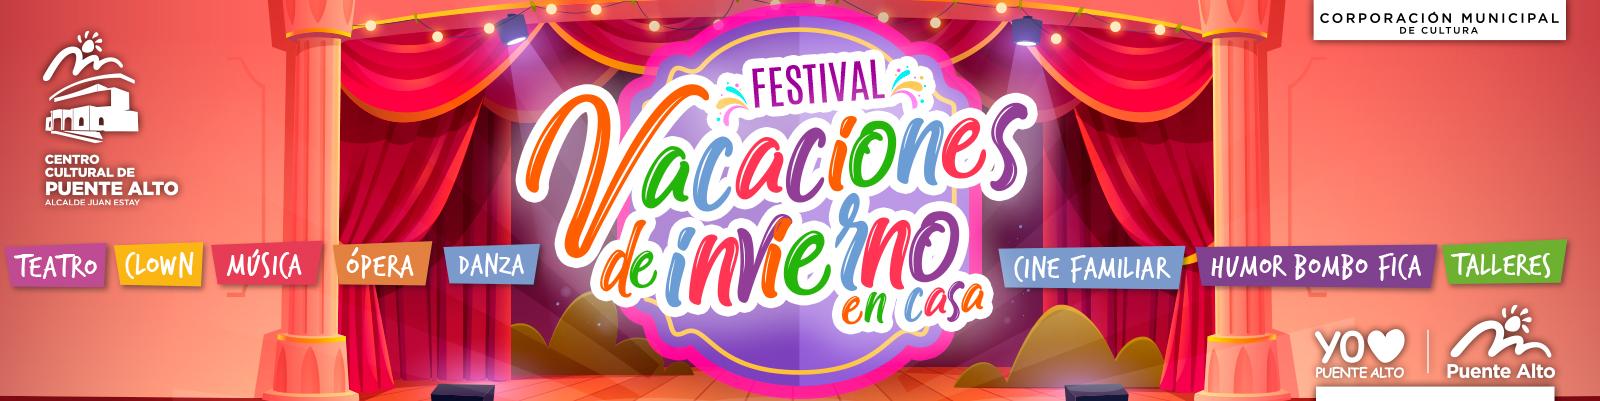 Vacaciones entretenidas en Puente Alto